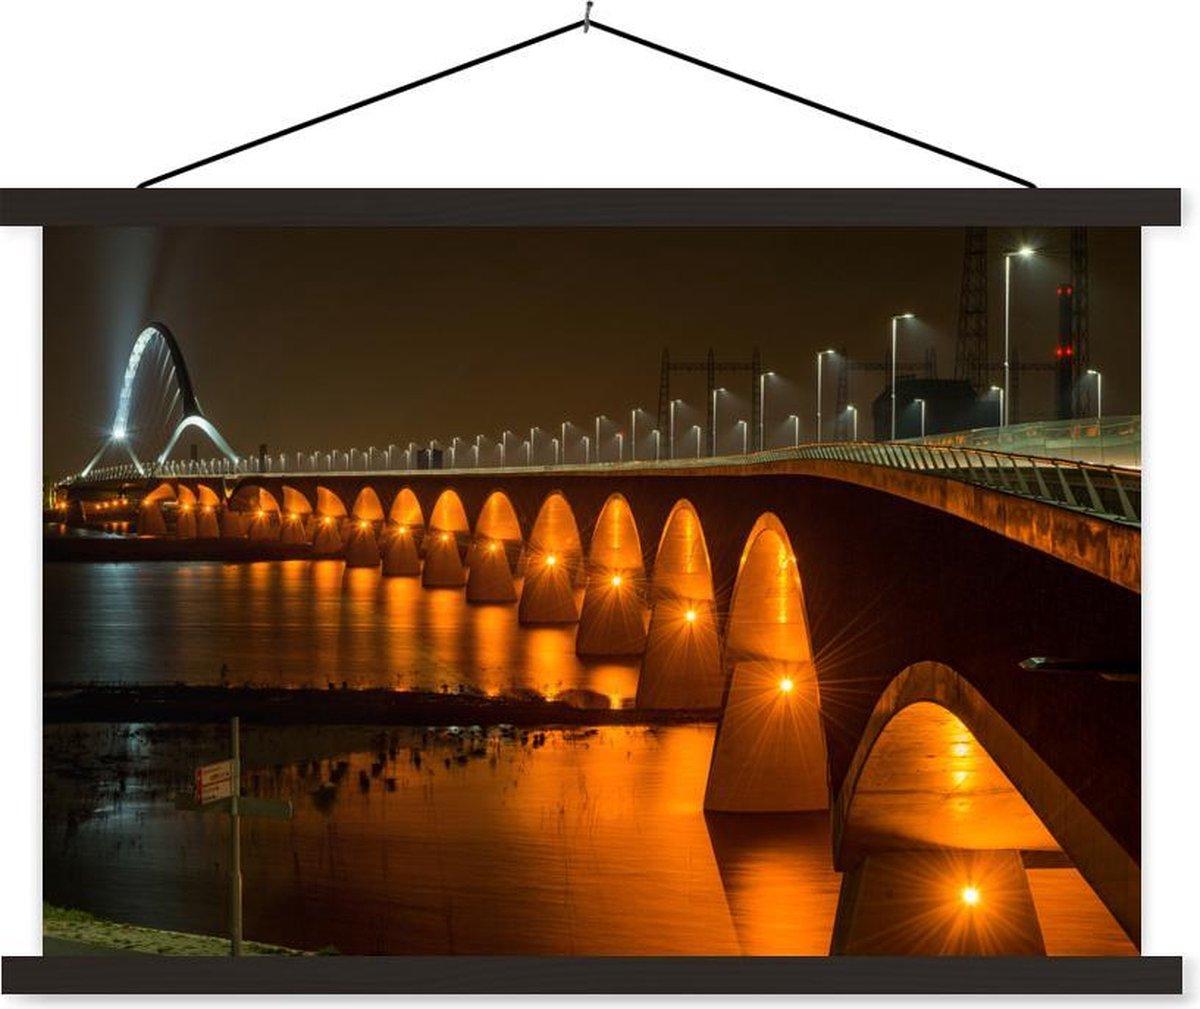 Verlichting van de Waalbrug in de Nederlandse stad Nijmegen schoolplaat platte latten zwart 120x80 cm - Foto print op textielposter (wanddecoratie woonkamer/slaapkamer)